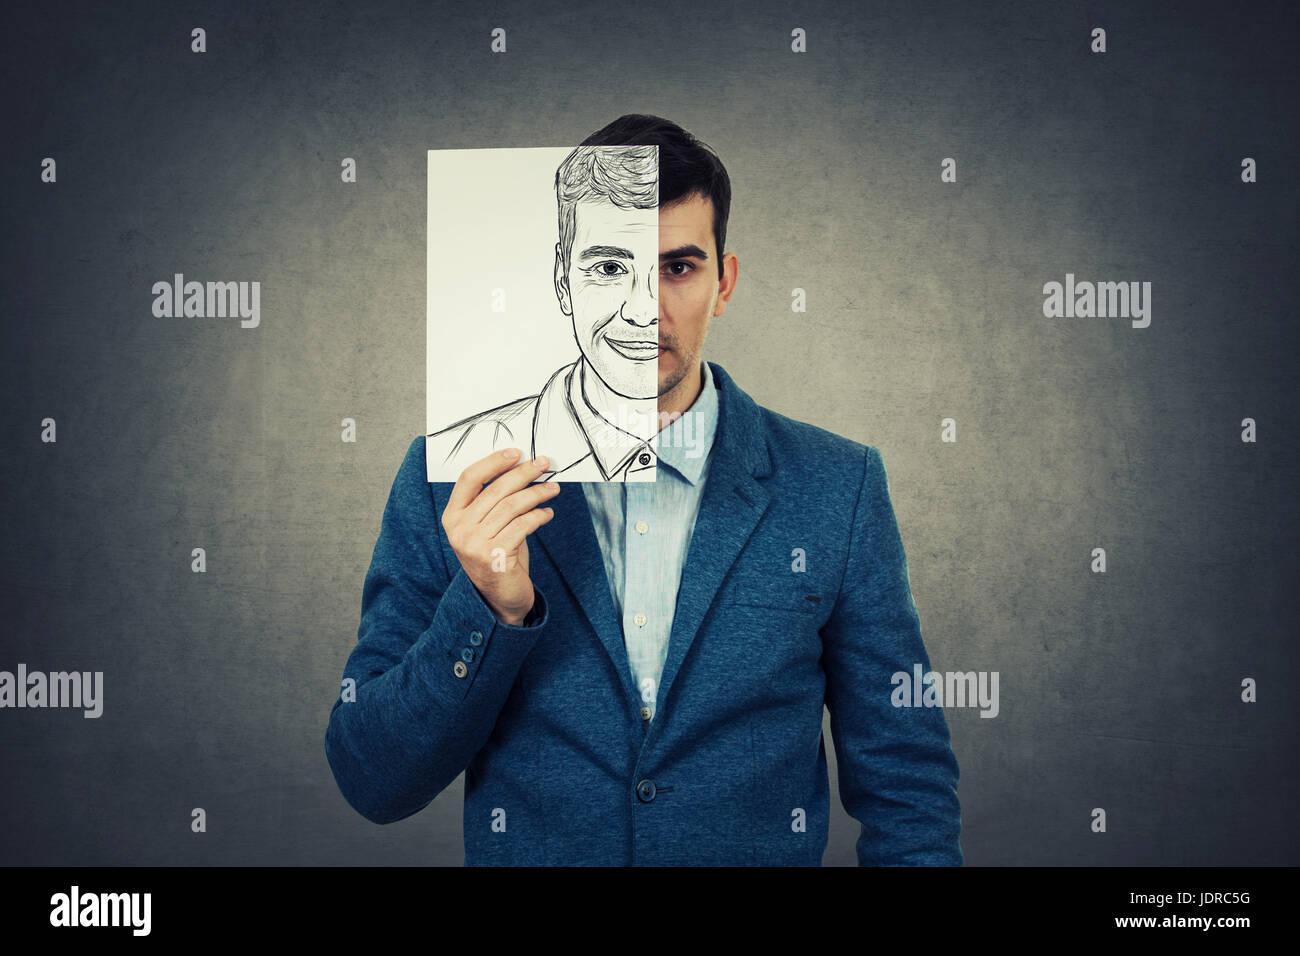 Portrait Of A Sad Businessman Hiding Half His Face Using A